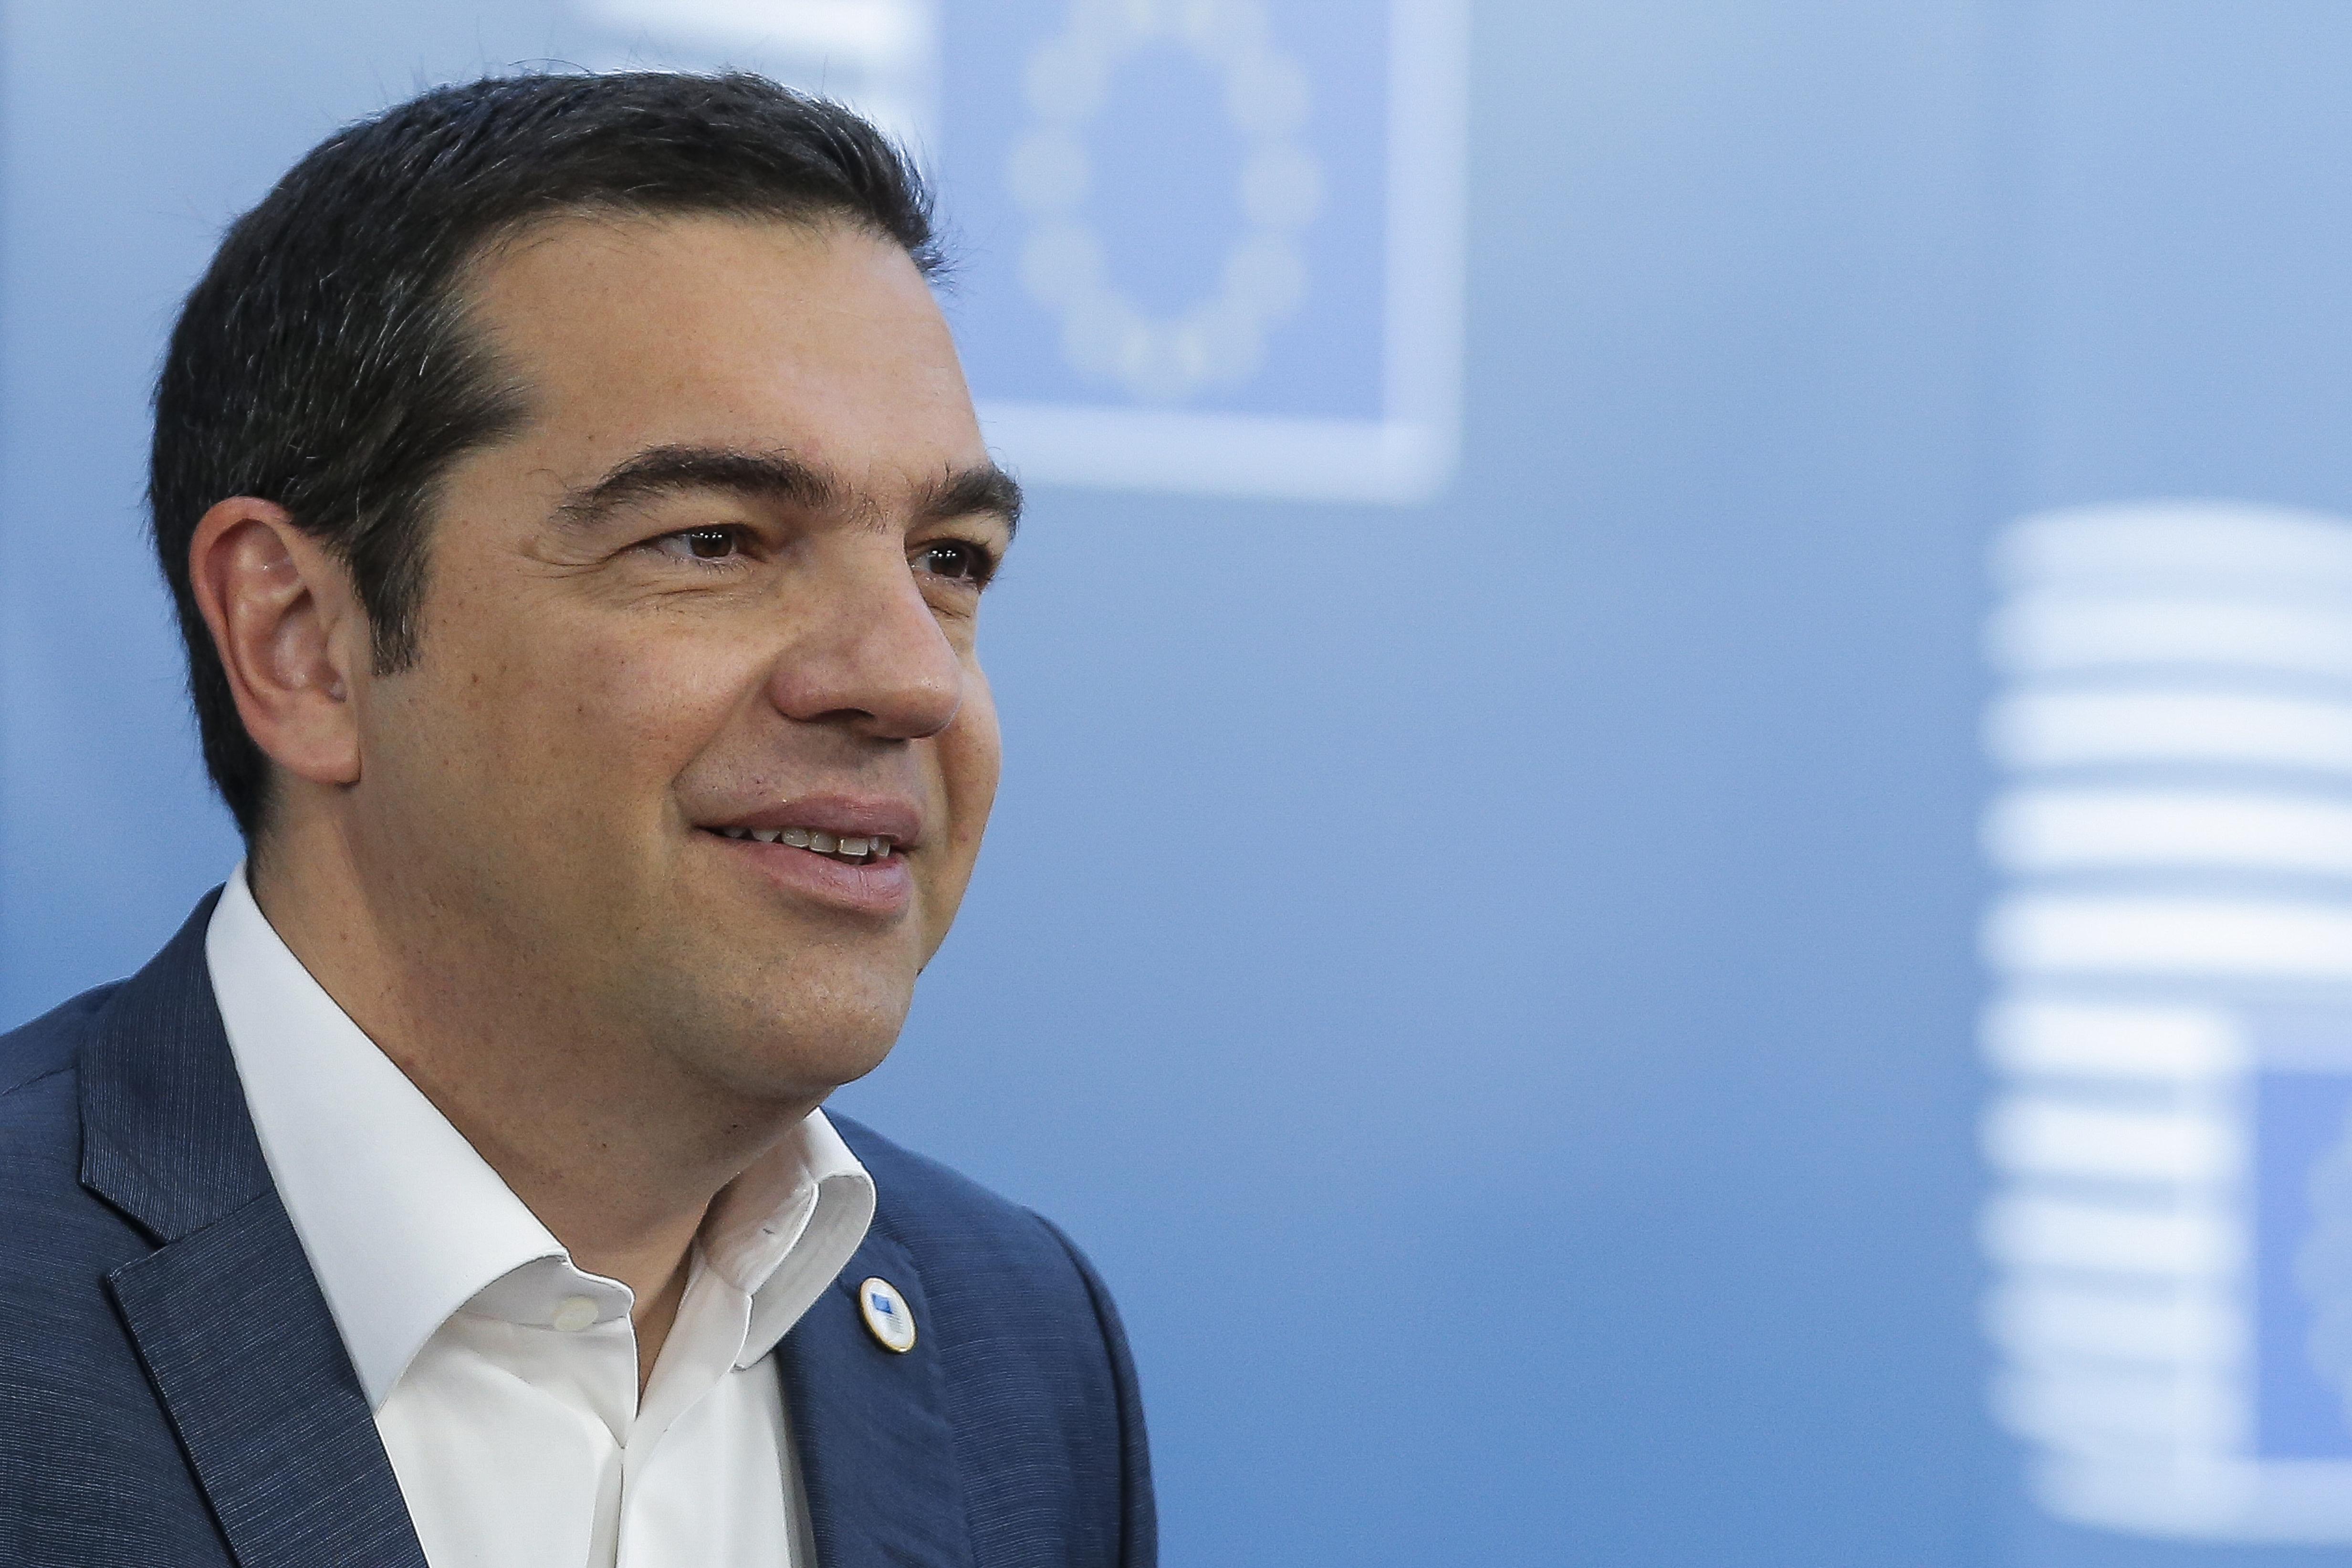 Török vadászgépek ijesztettek a görög miniszterelnököt szállító helikopterre az Égei-tenger felett